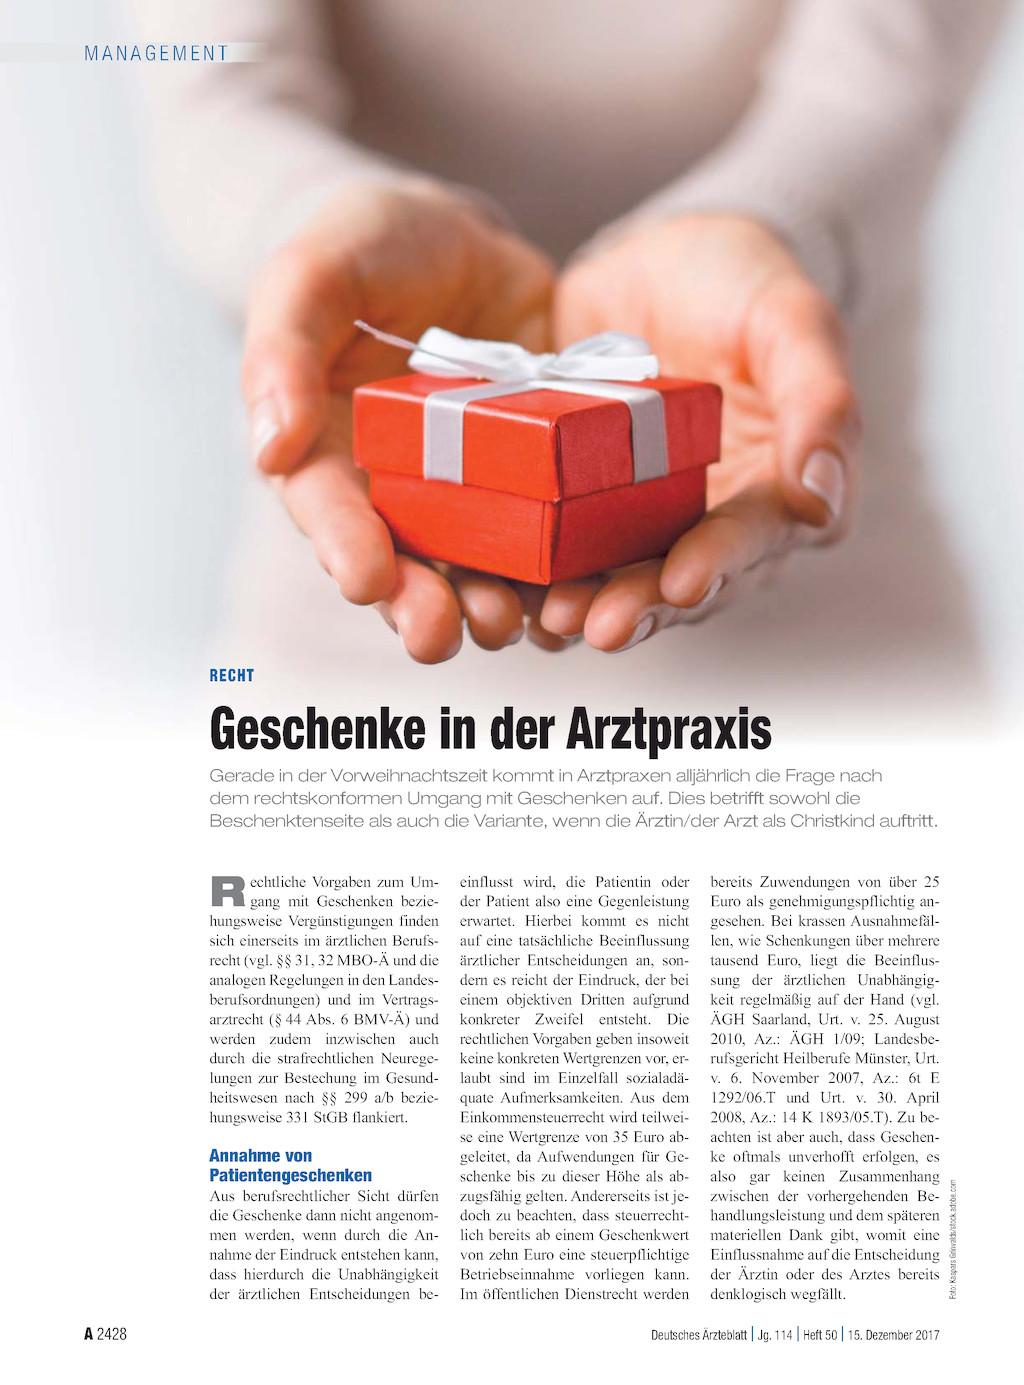 Recht: Geschenke in der Arztpraxis